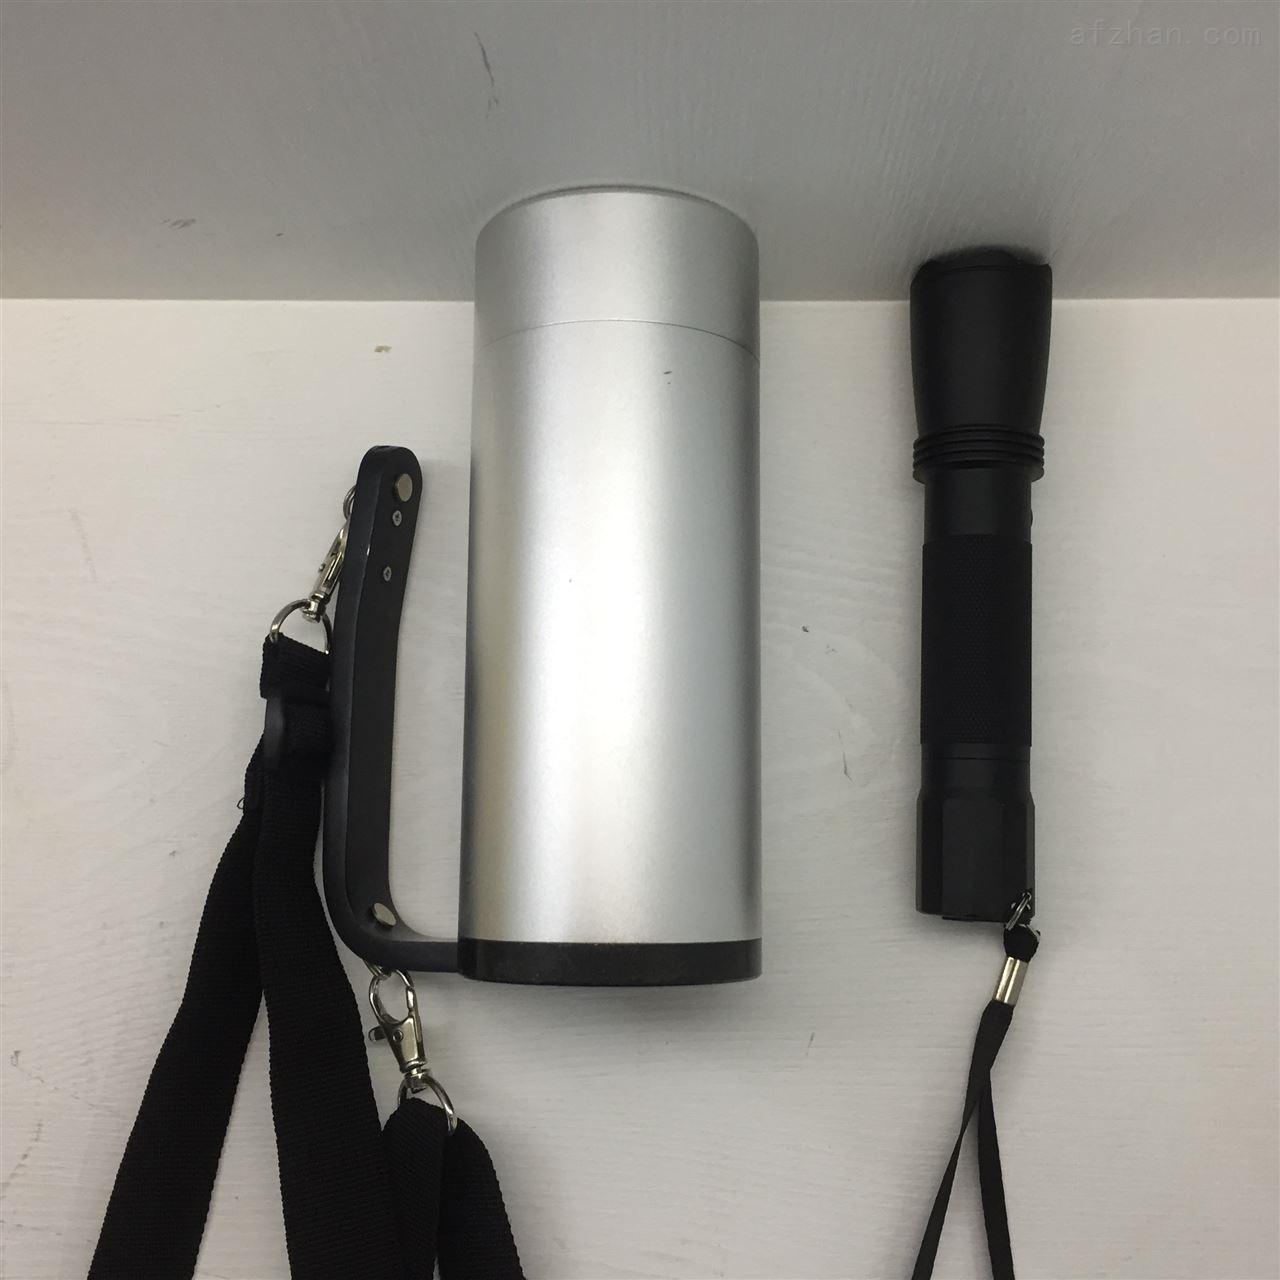 YJ1201手提式防爆探照灯便携式灯厂家直销